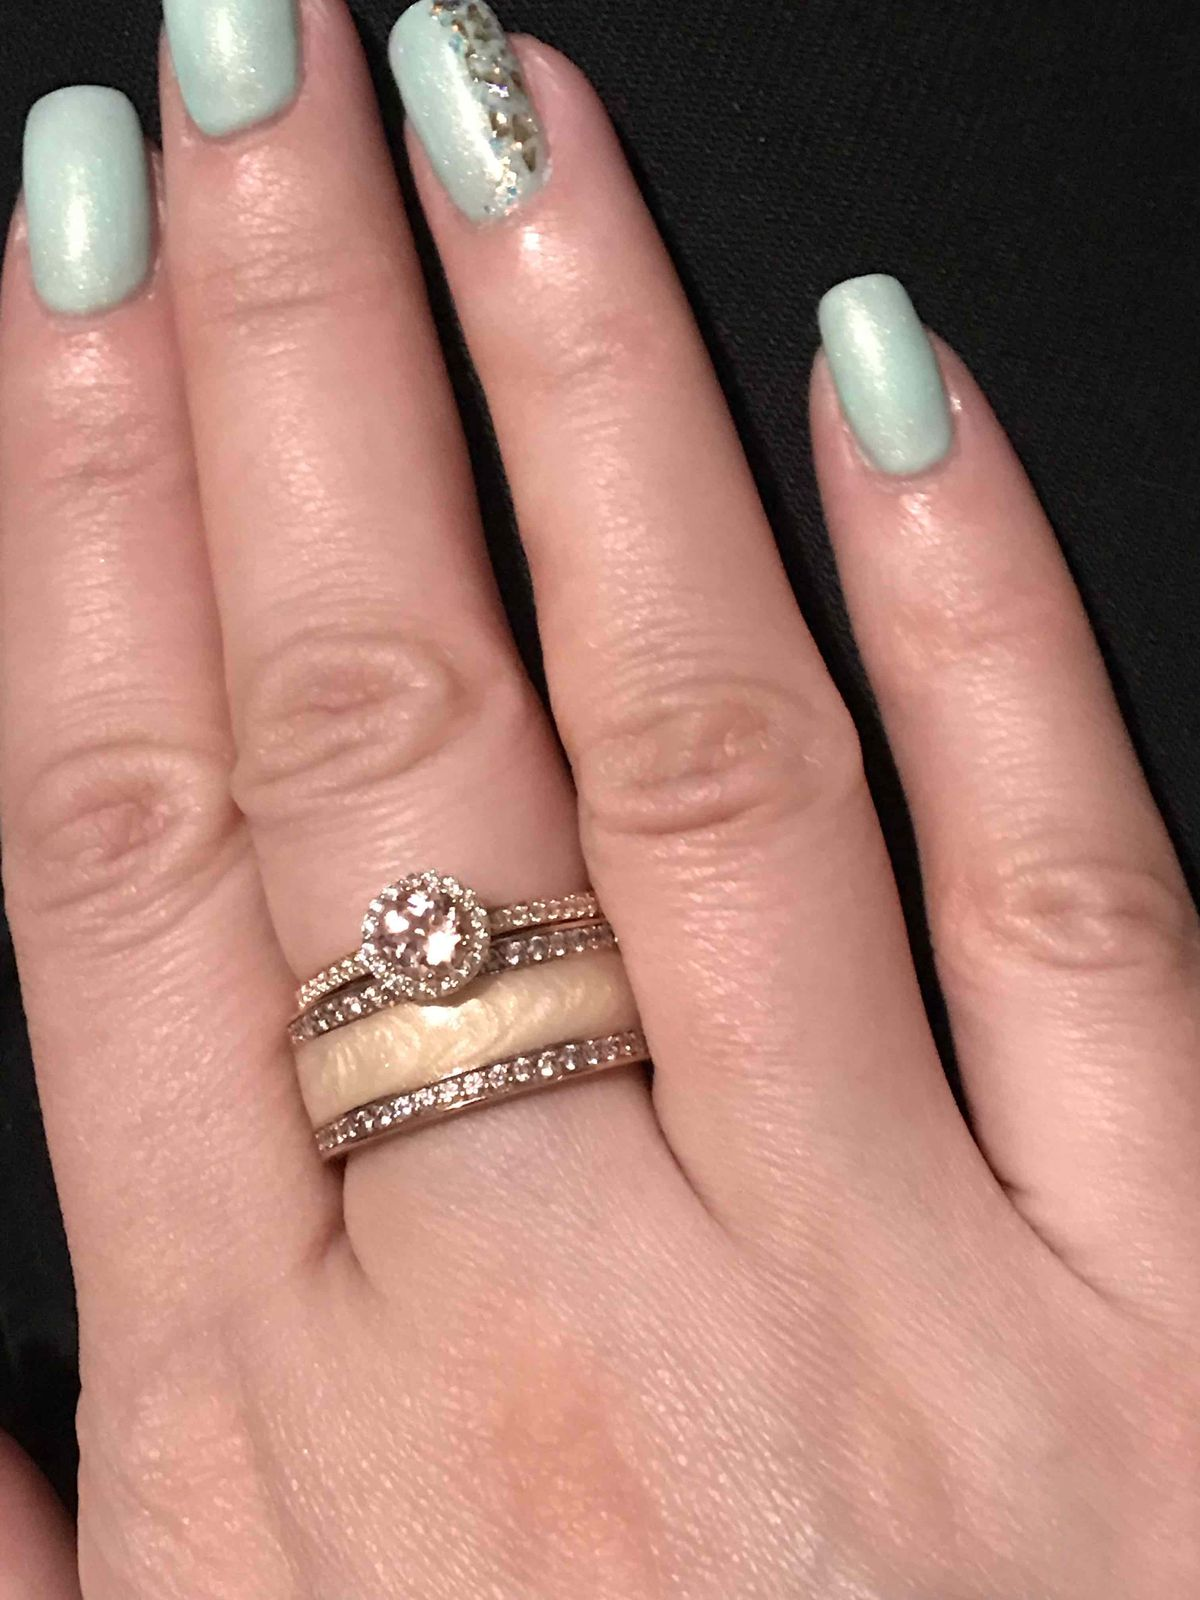 Самое нежное кольцо, камень розовый как рассвет